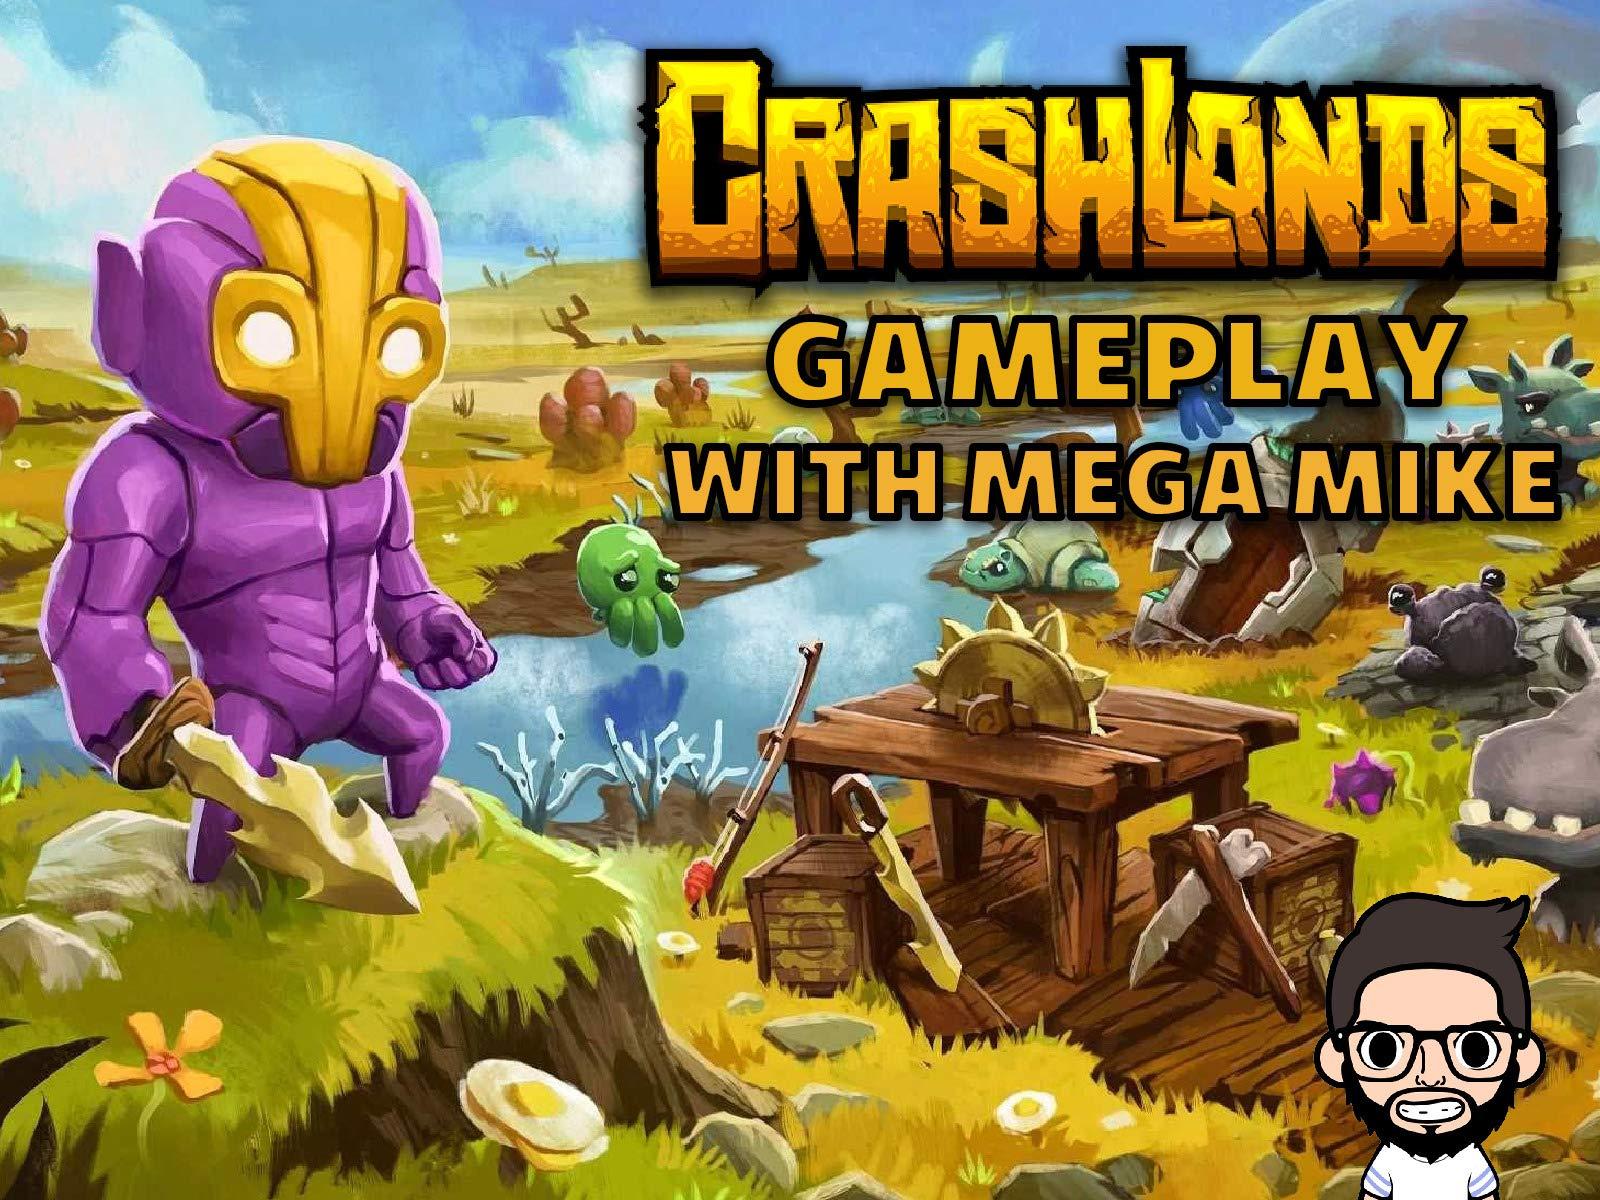 Crashlands Gameplay With Mega Mike - Season 1